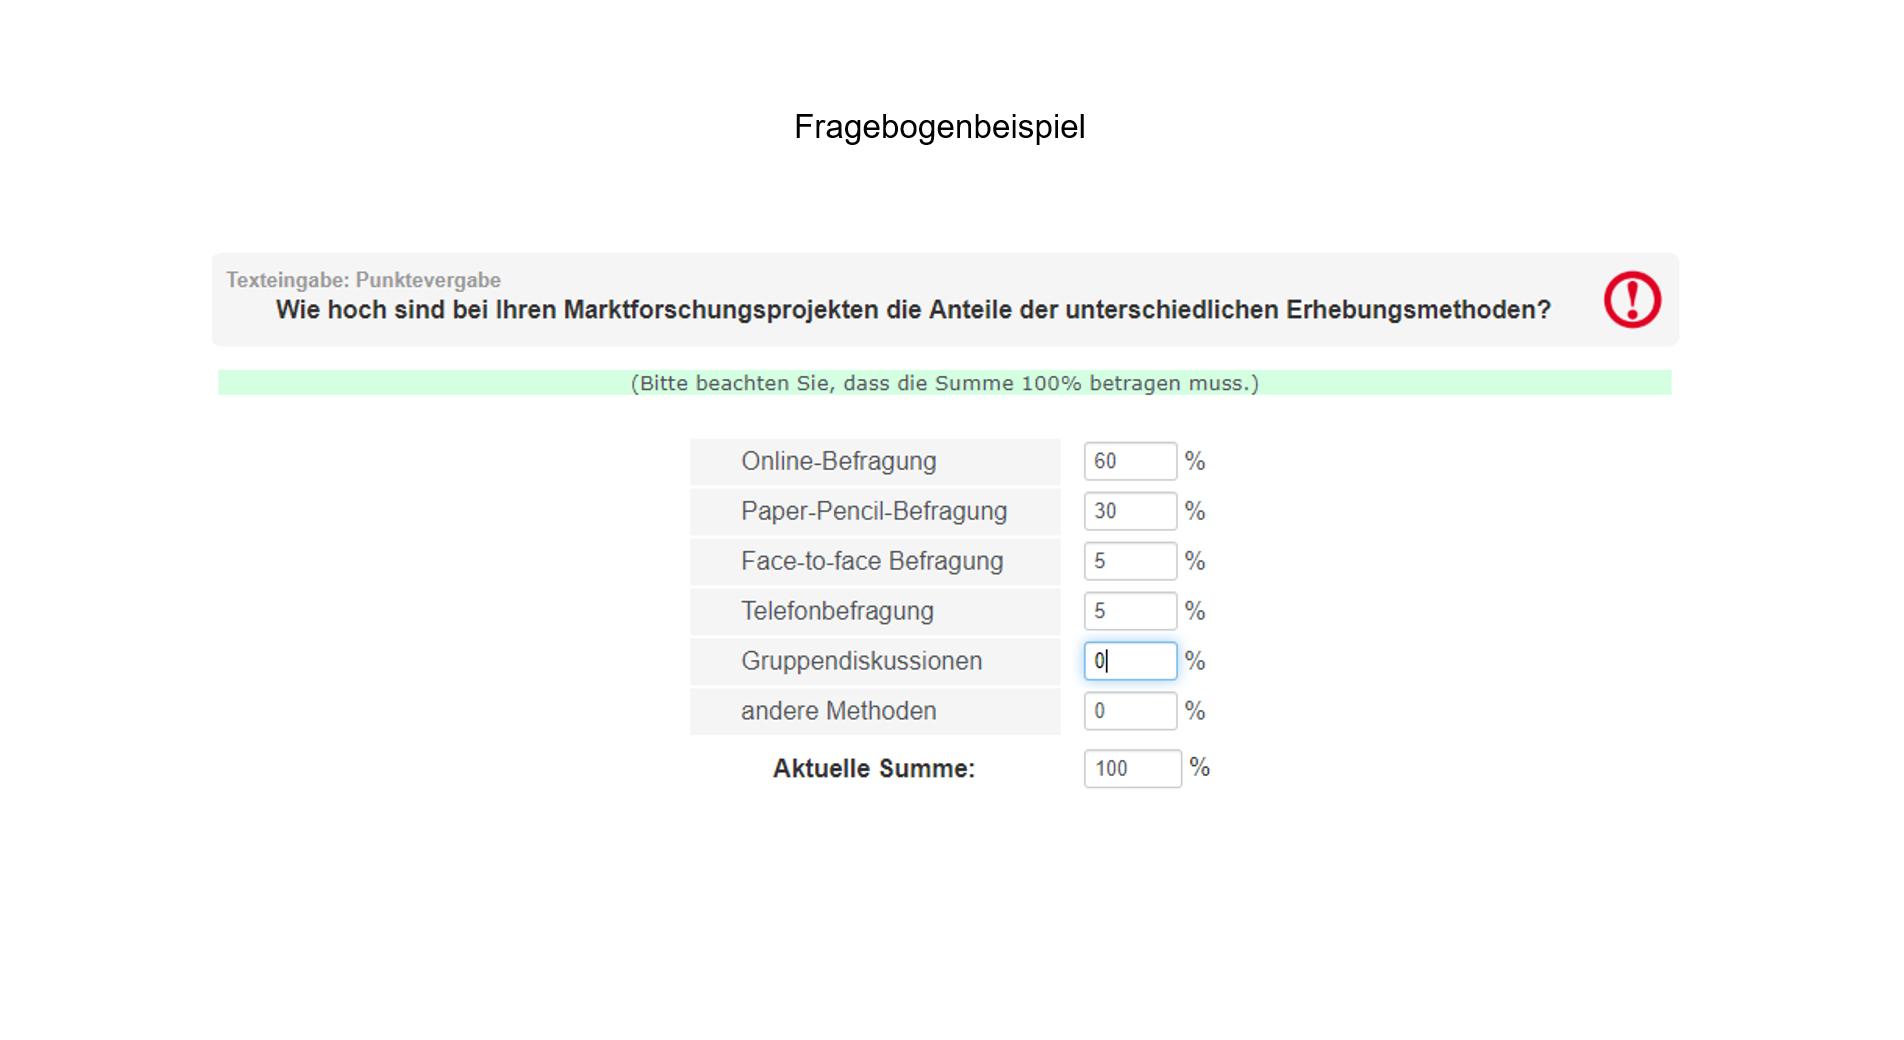 Fragebogenprogrammierung Beispiel Erhebungsmethoden